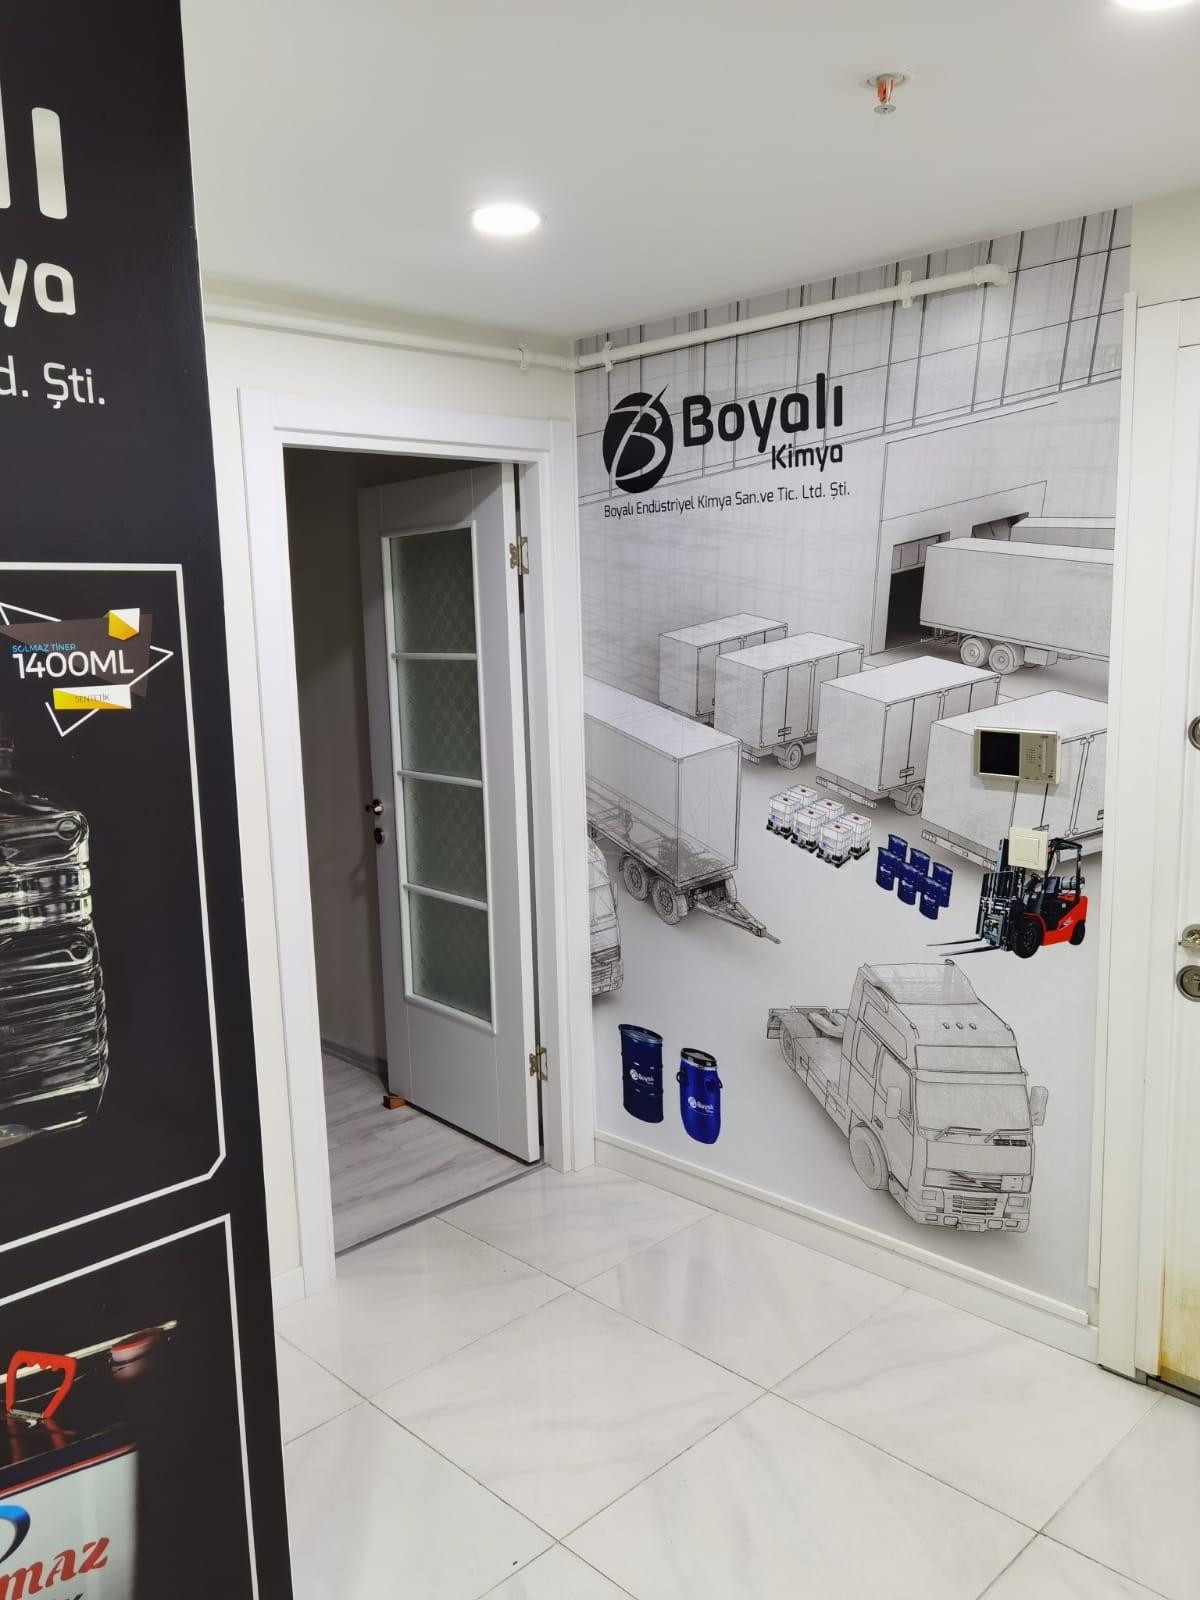 Duvar Reklam Kaplama Ofis